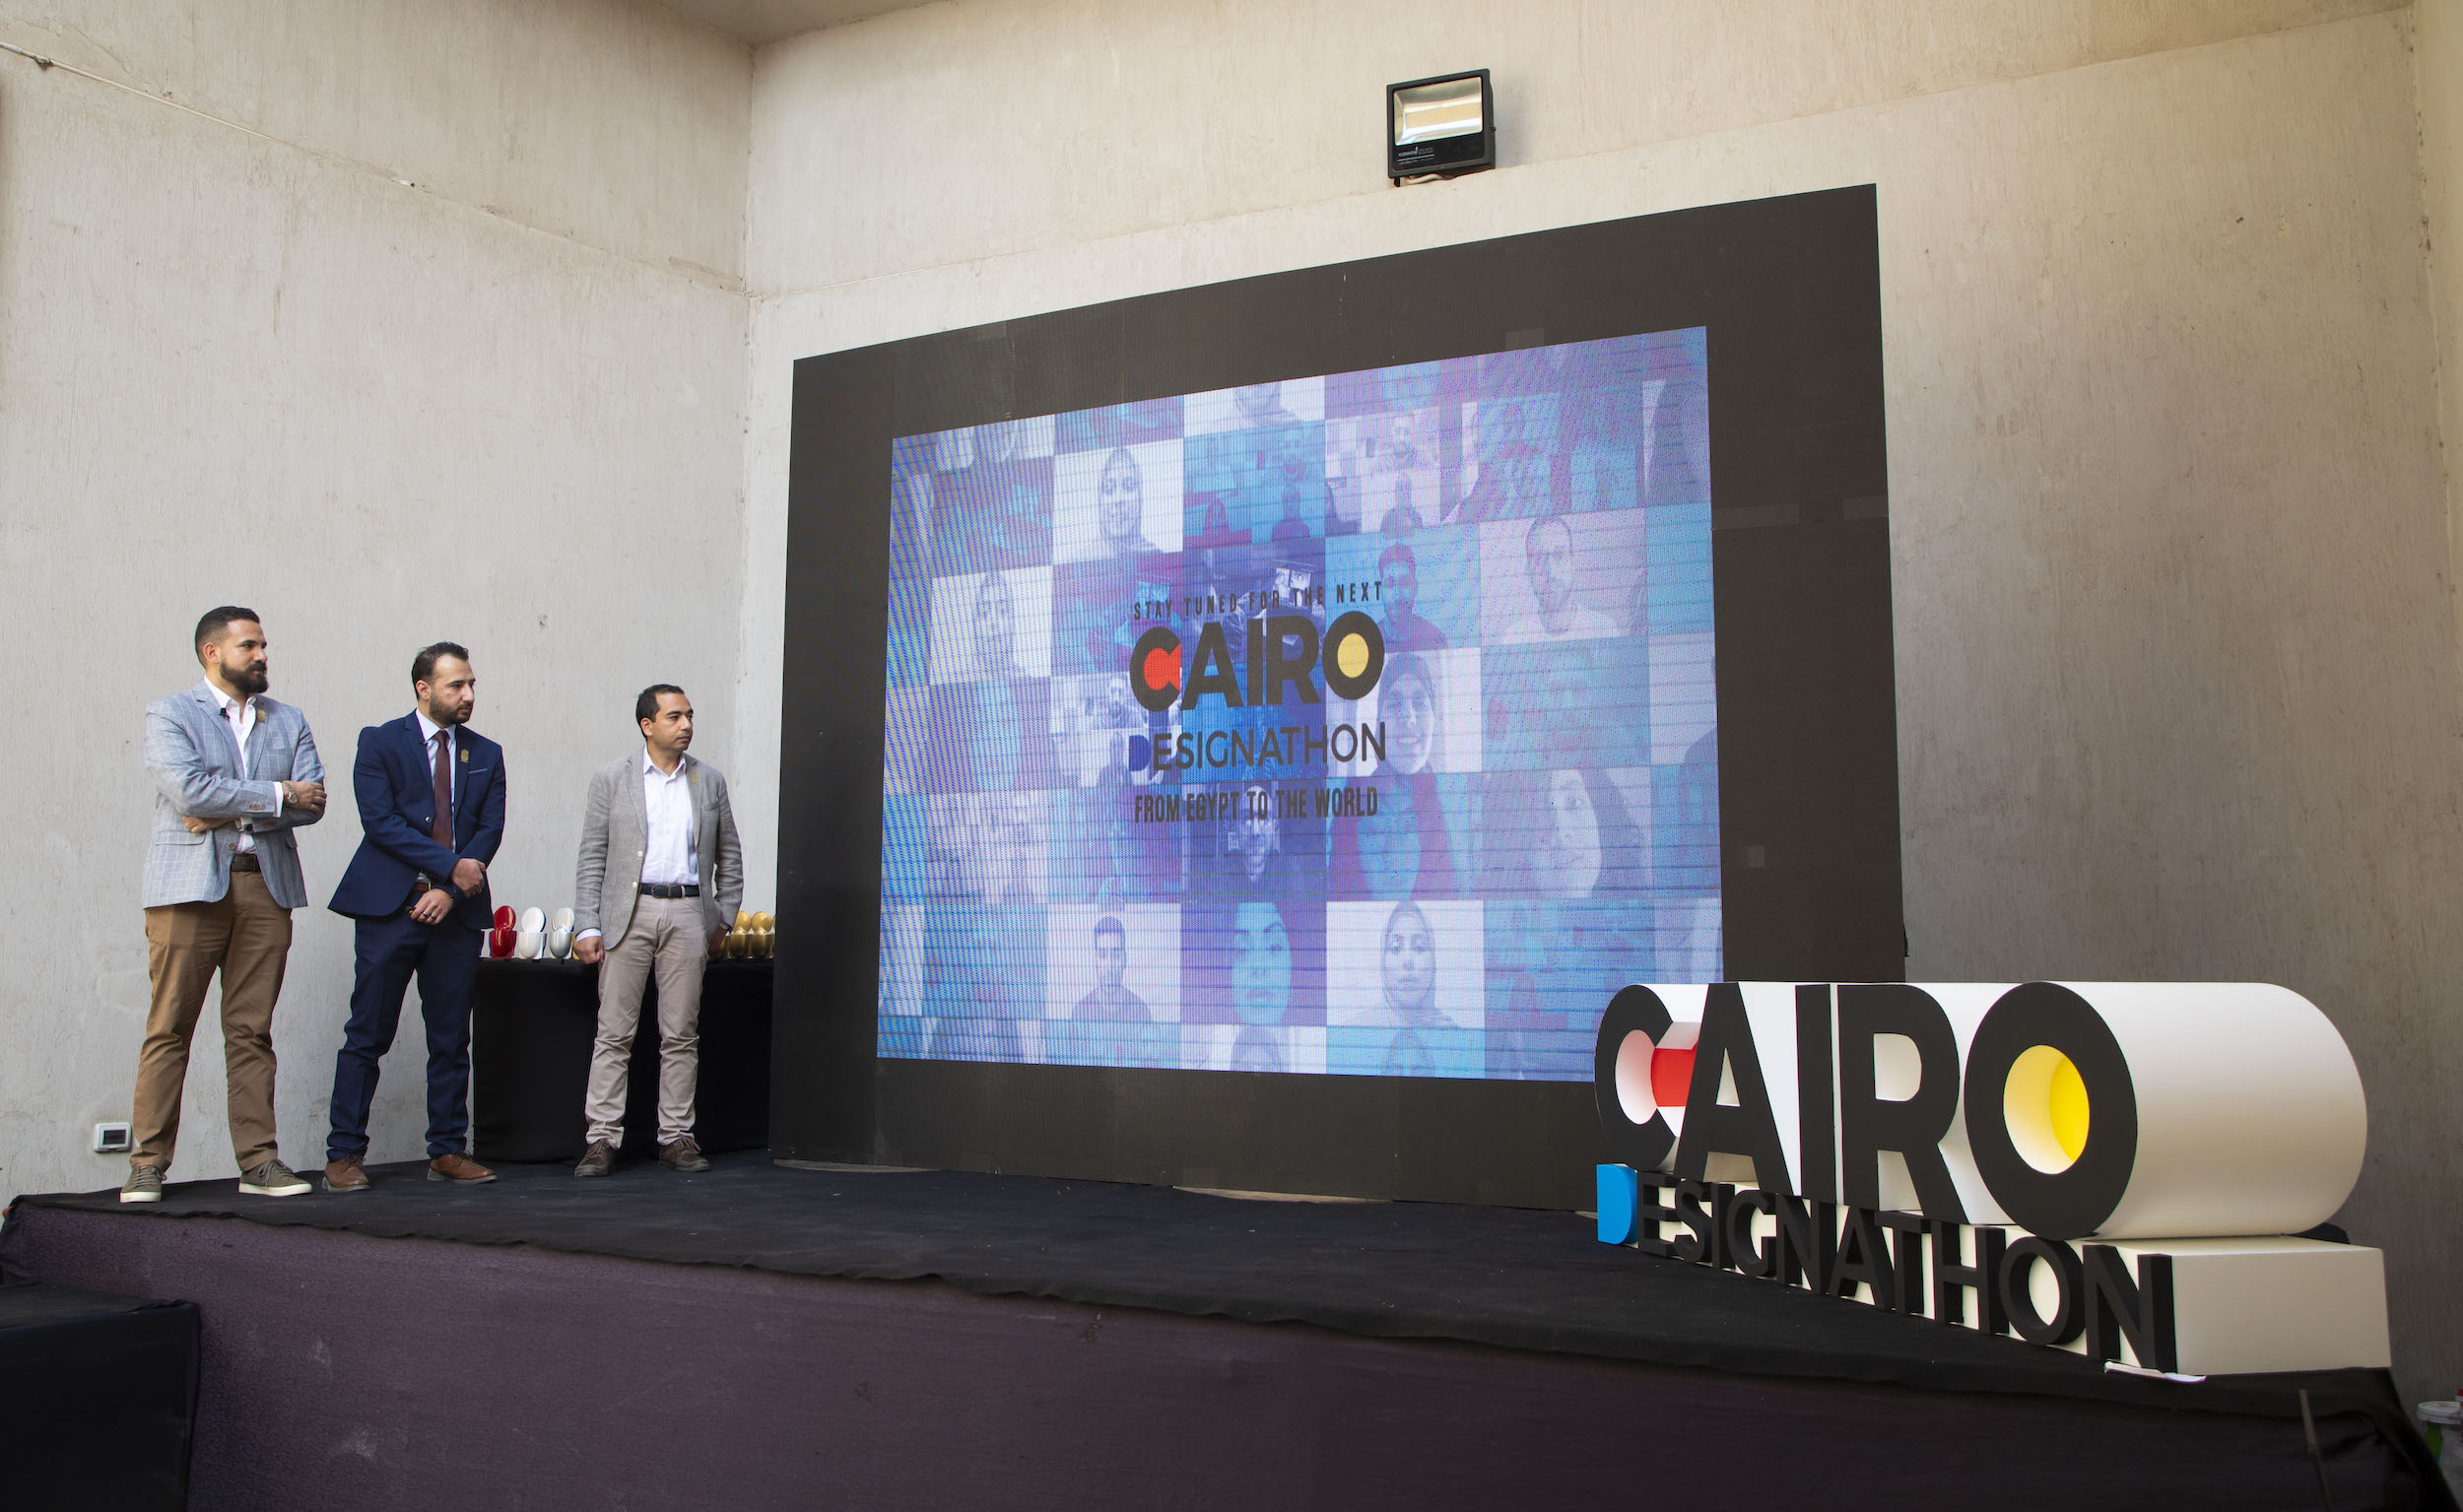 فتح باب التقديم للمشاركة في Cairo Designathon